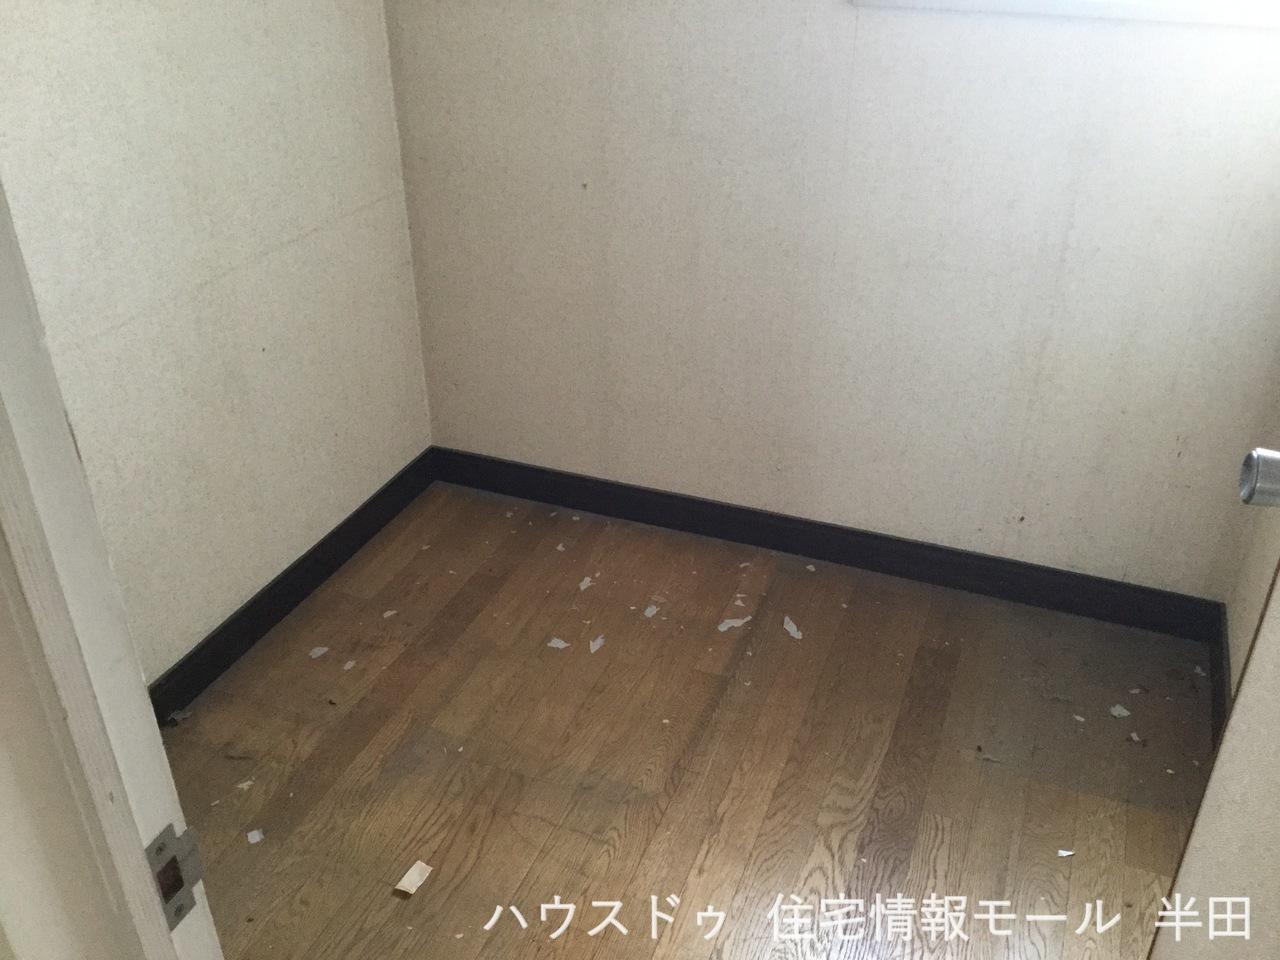 4.5帖 納戸 ご家族の思い出も大切にしまっておけるたっぷり収納 収納を活用してすっきり住空間